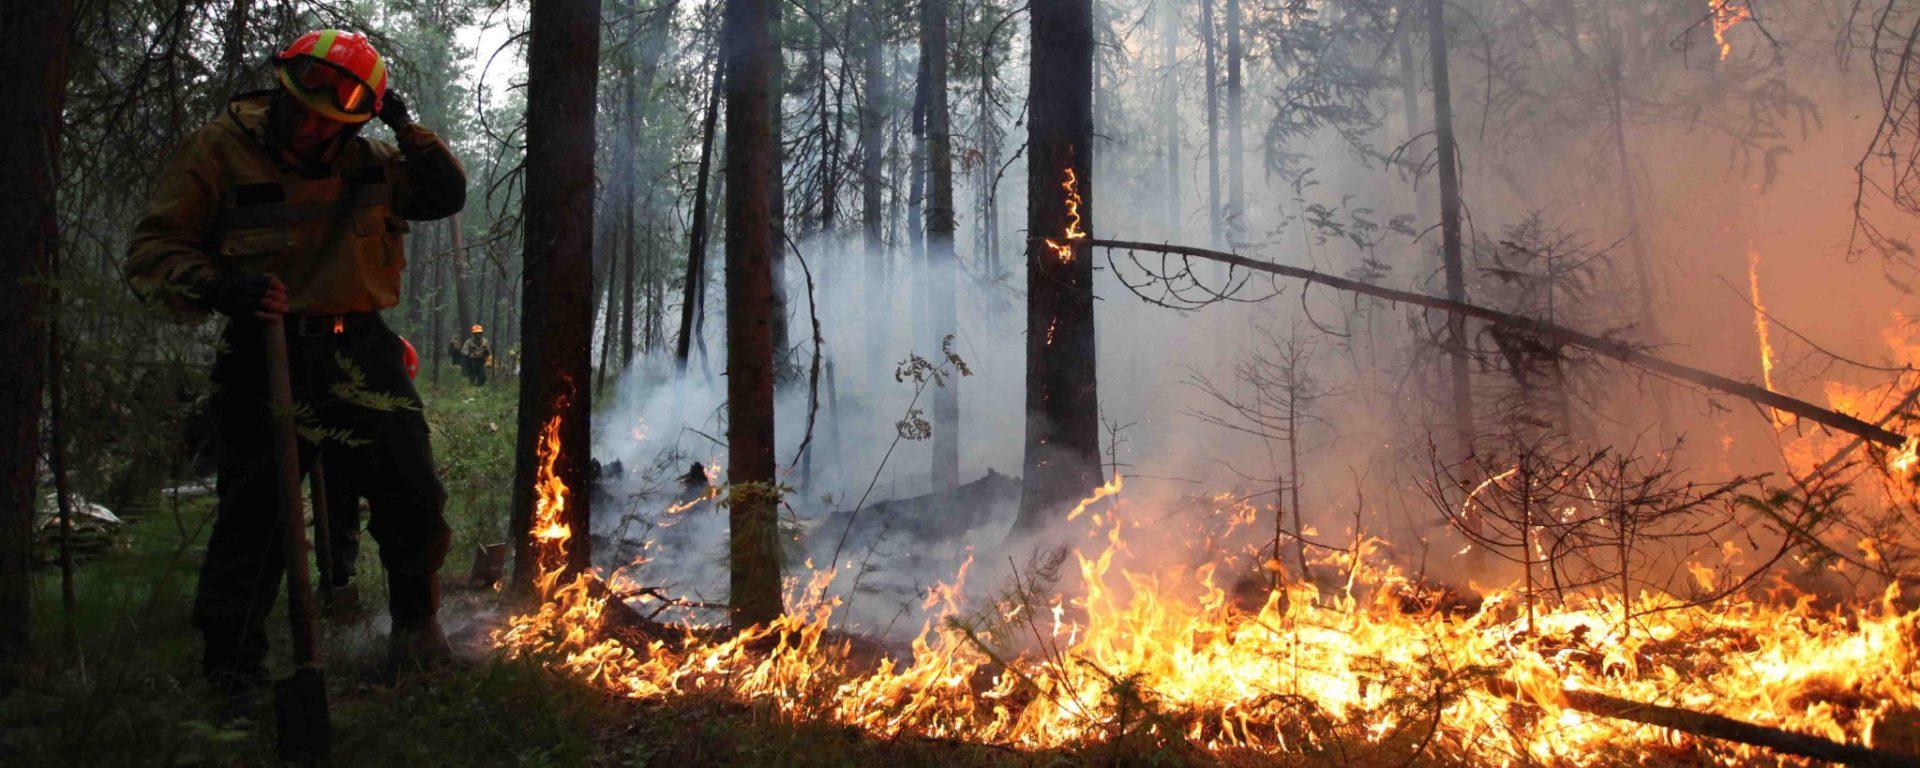 Жара только начинается, а леса горят